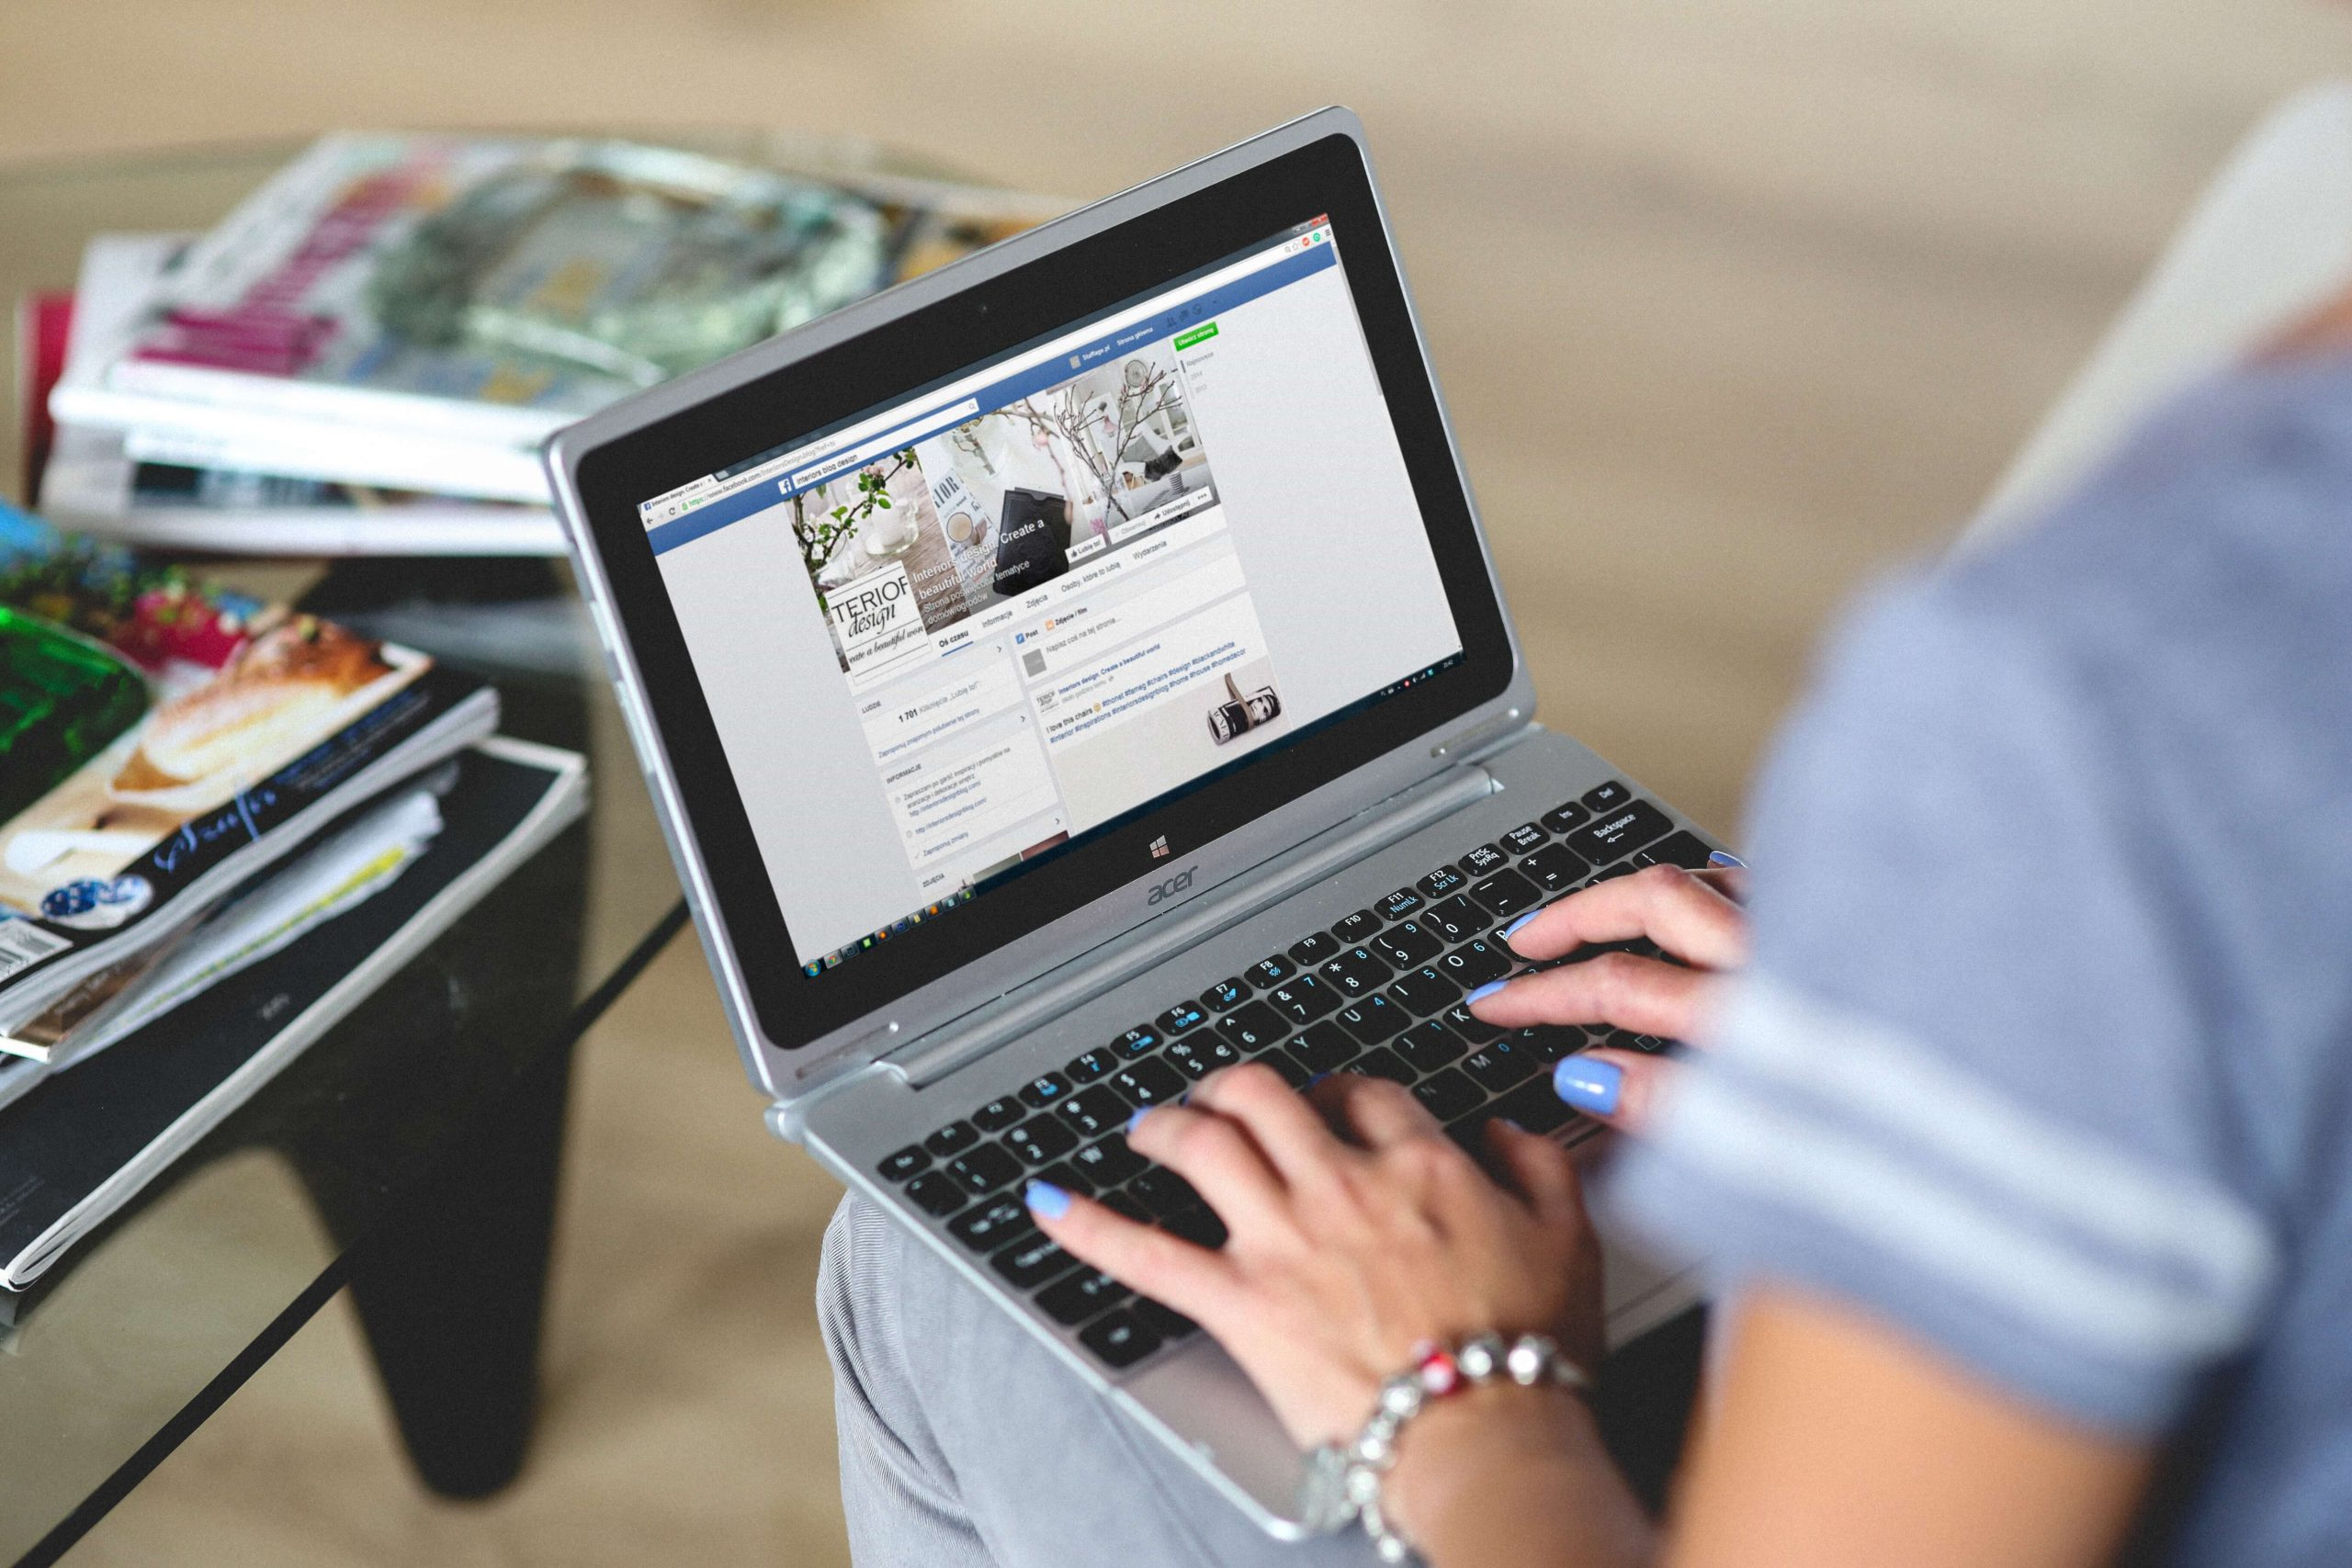 Jak reklamować swoją firmę na Facebooku?